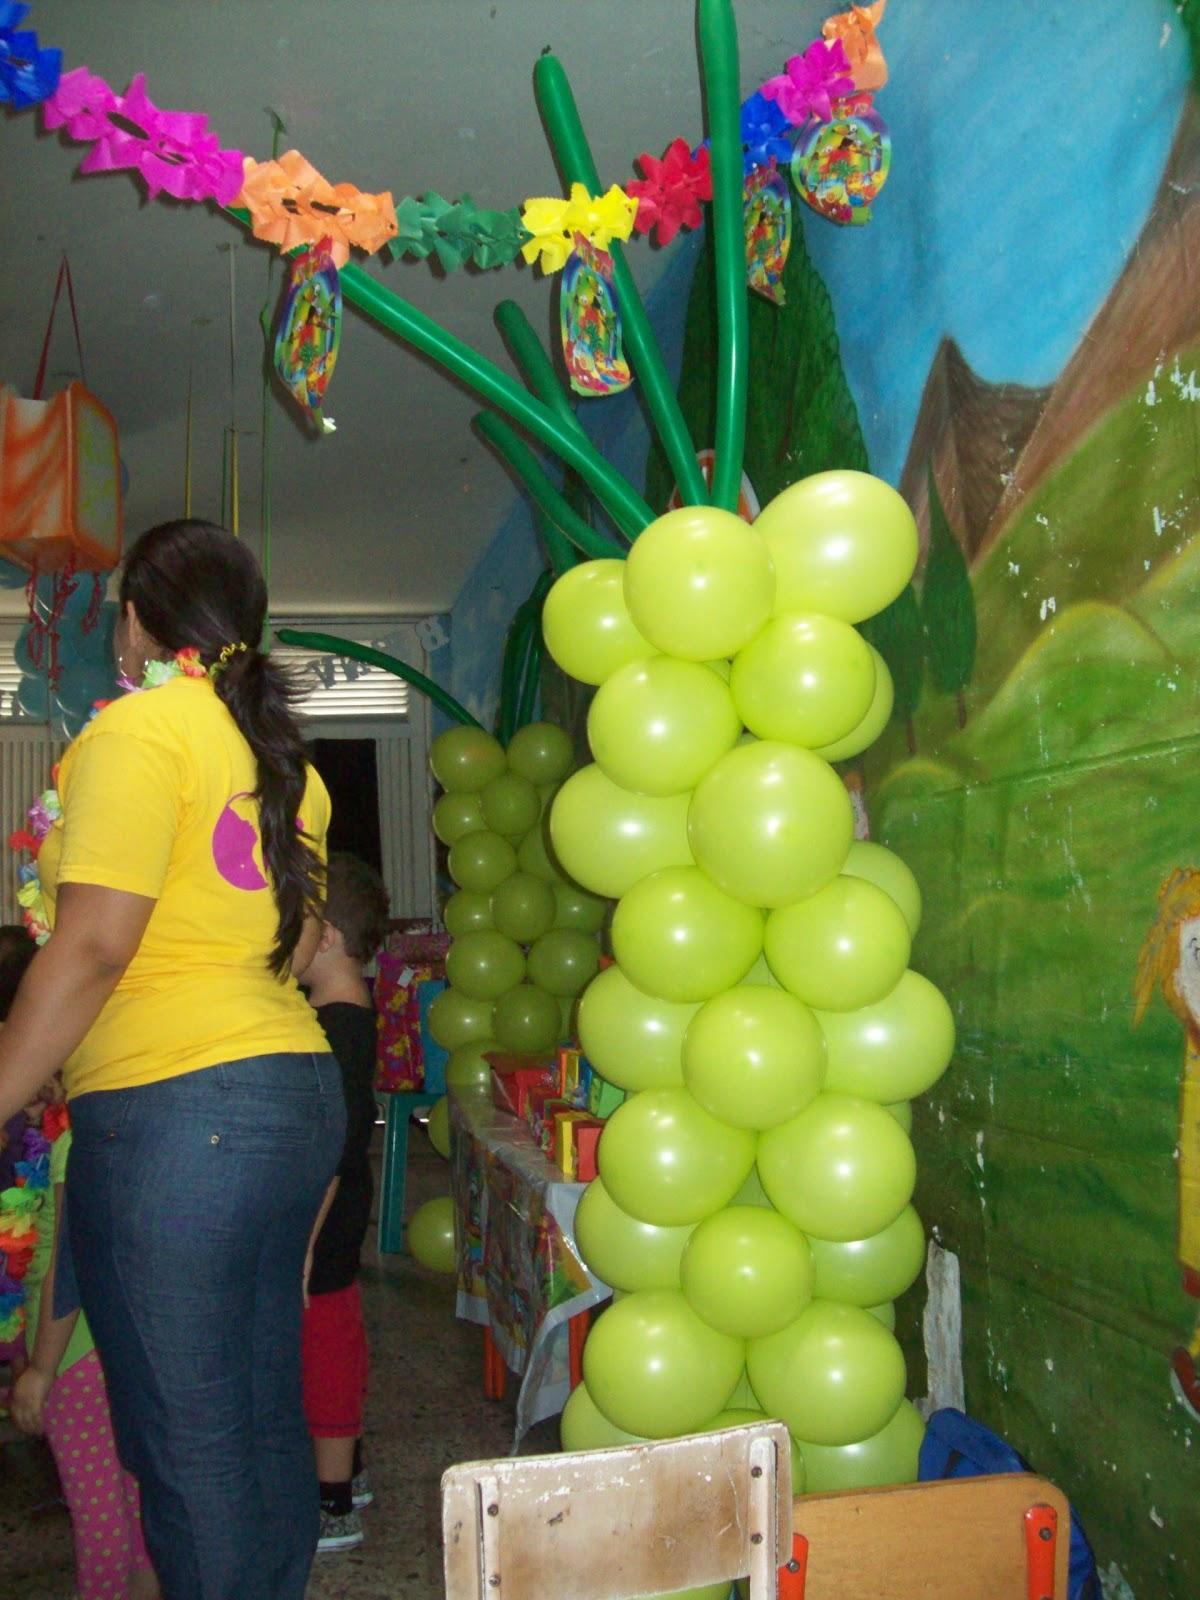 fiestas hawaianas fiestas infantiles fiestas tematicas letreros de